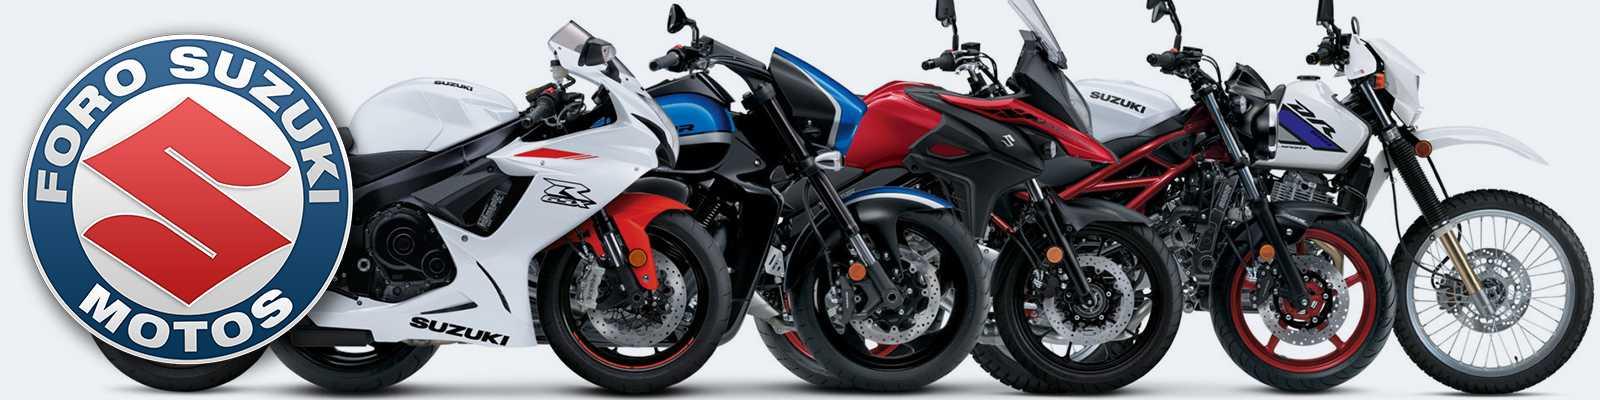 Foro de motocicletas, ciclomotores y scooters de la marca Suzuki